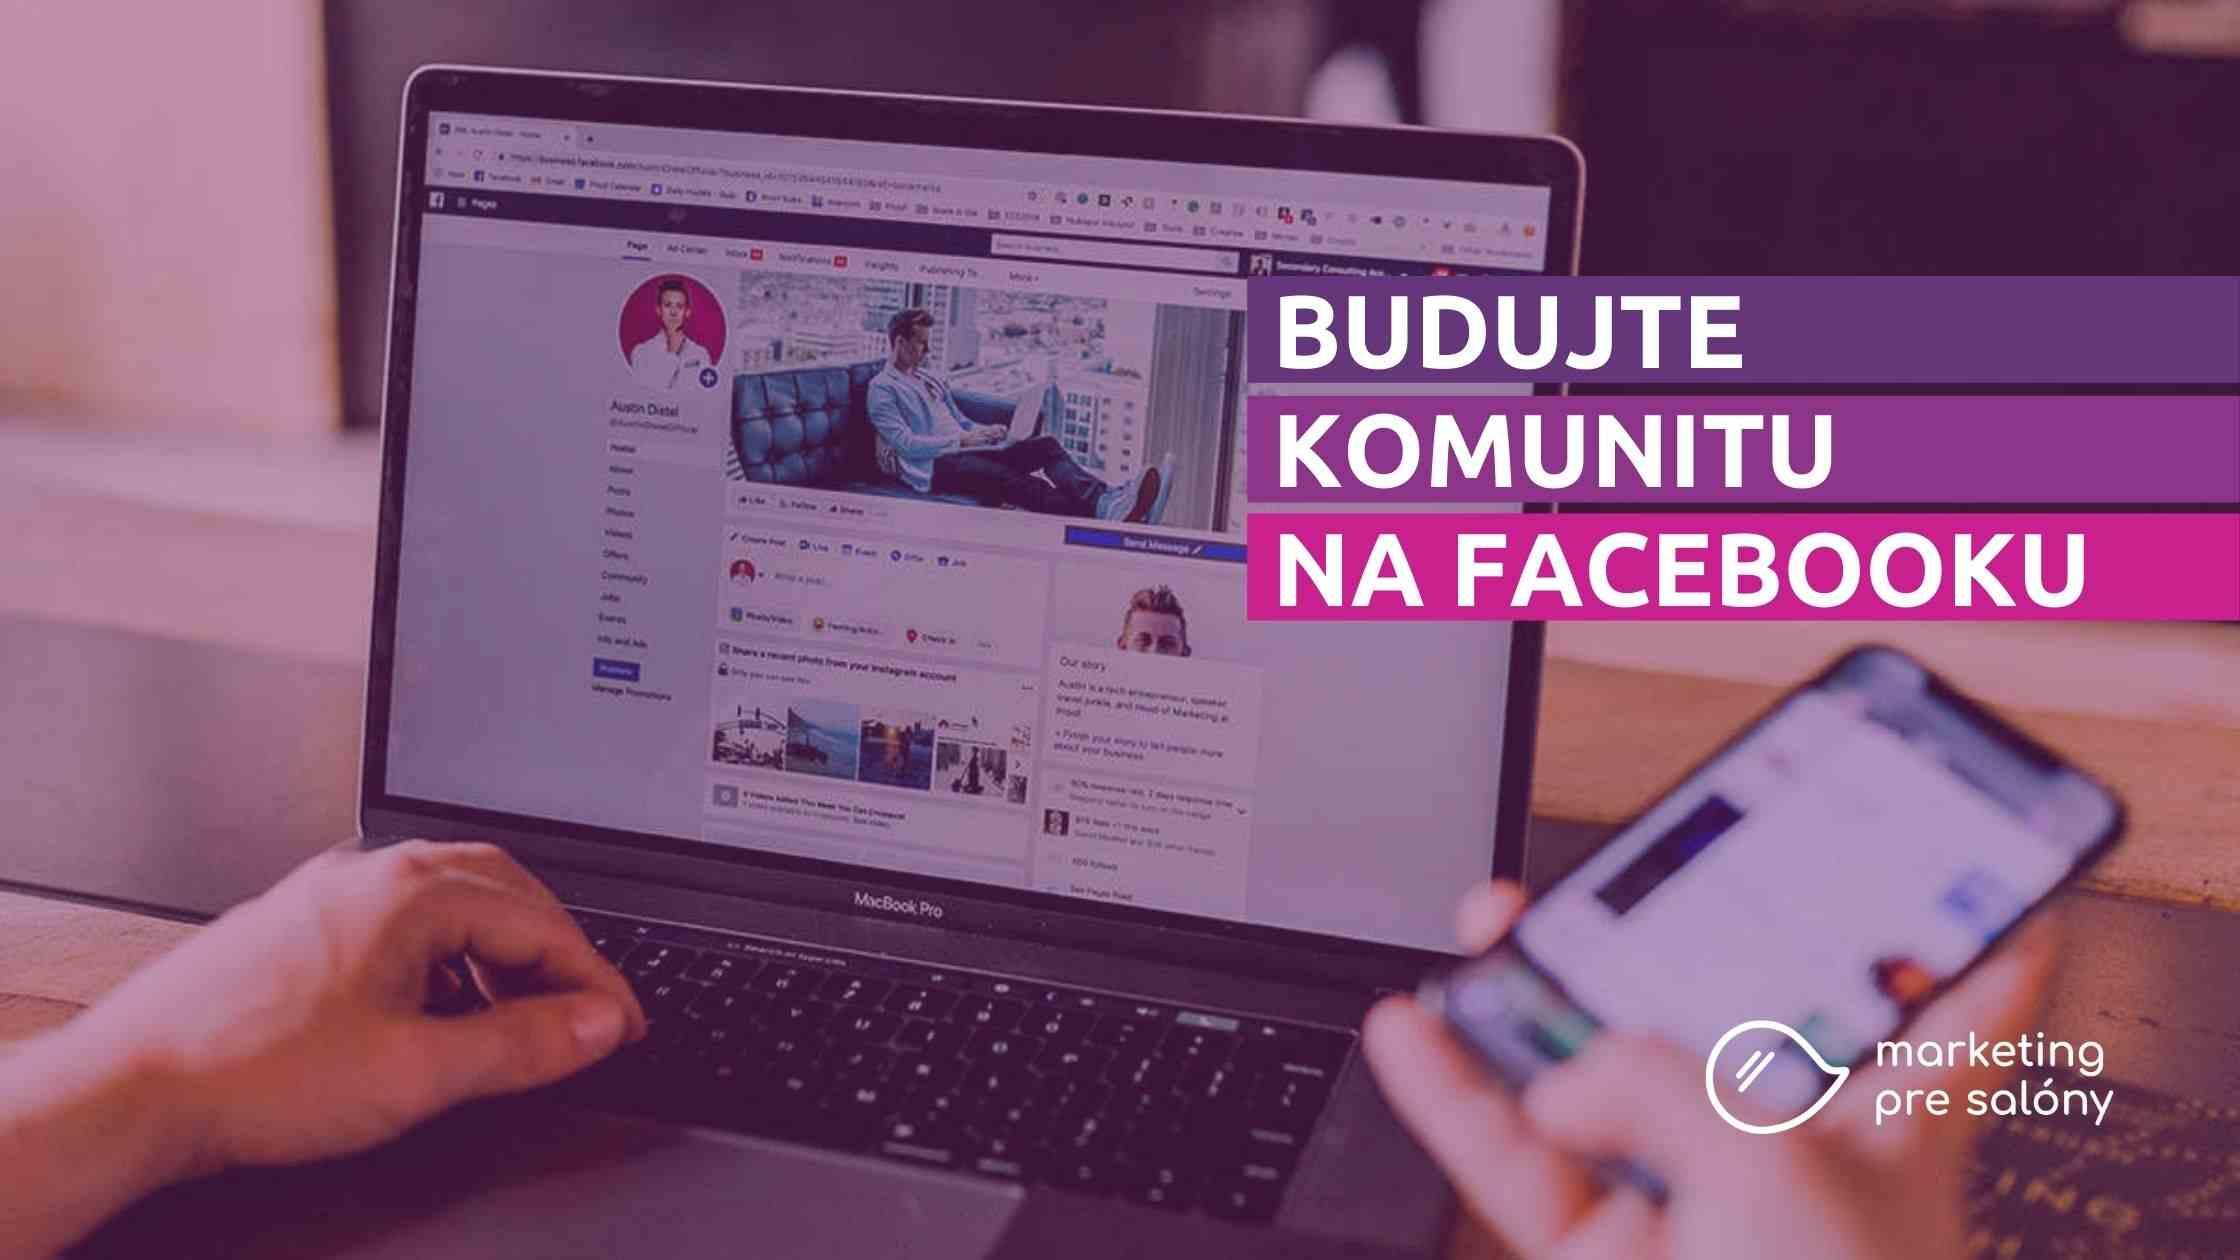 Budujte komunitu na Facebooku - Marketing pre salóny